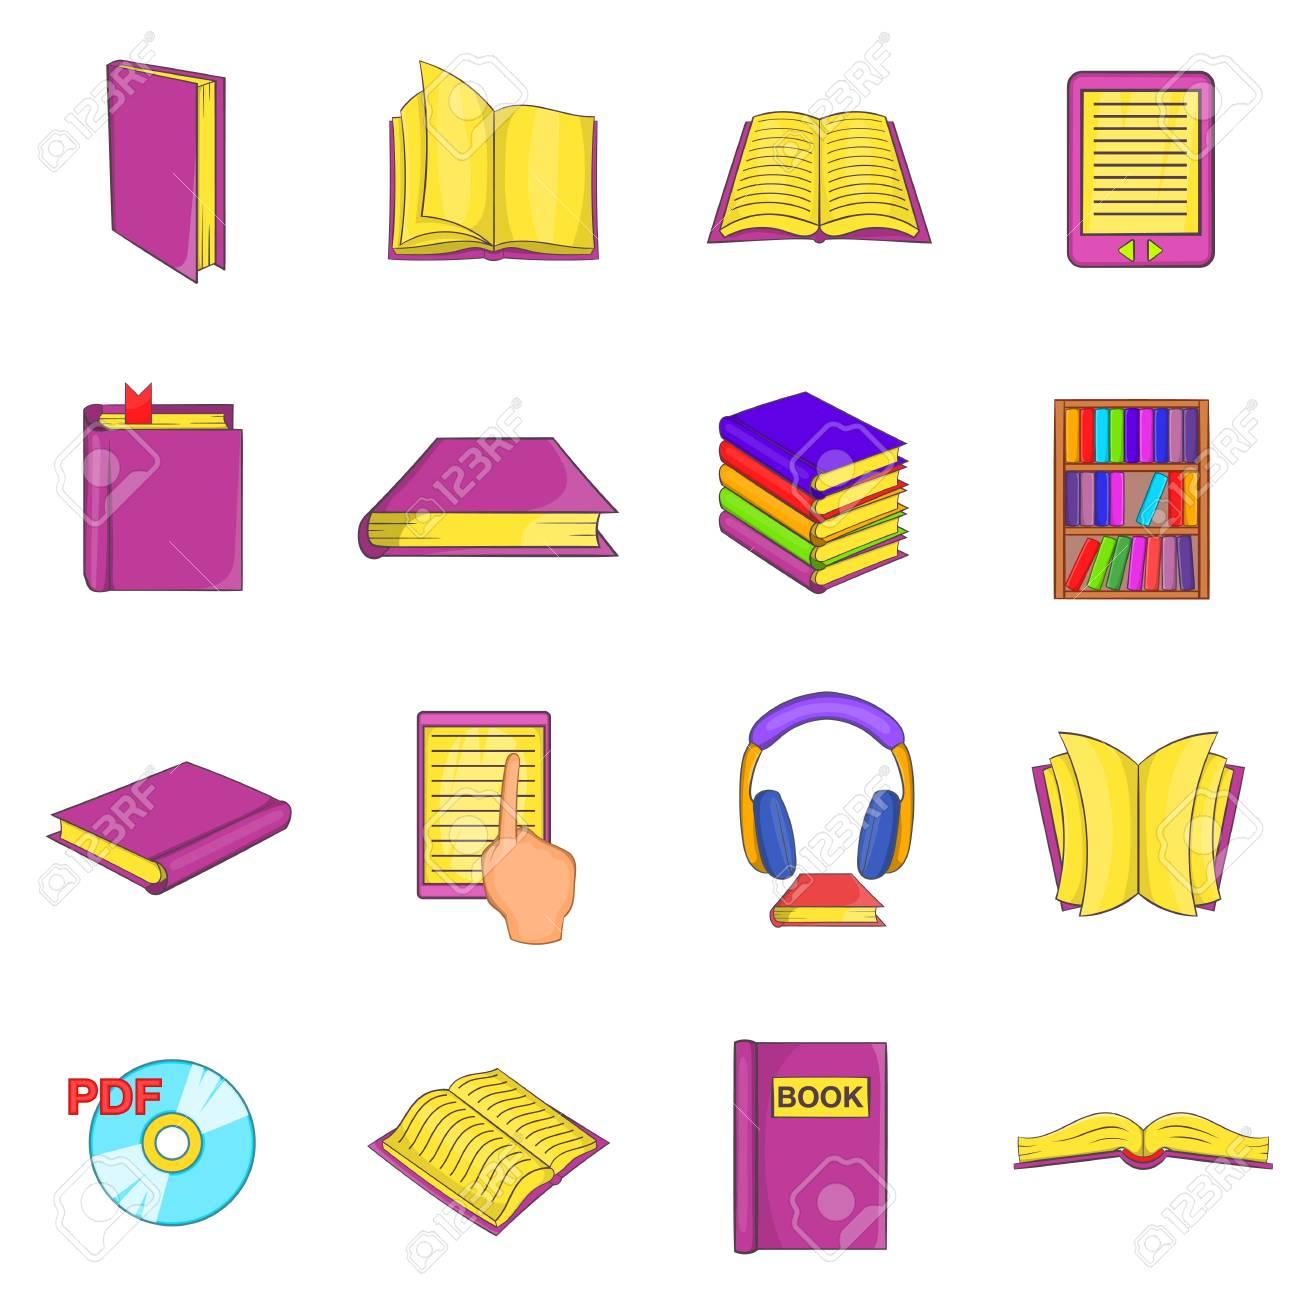 Icones De Livres Dans Le Style De Dessin Anime Elements De